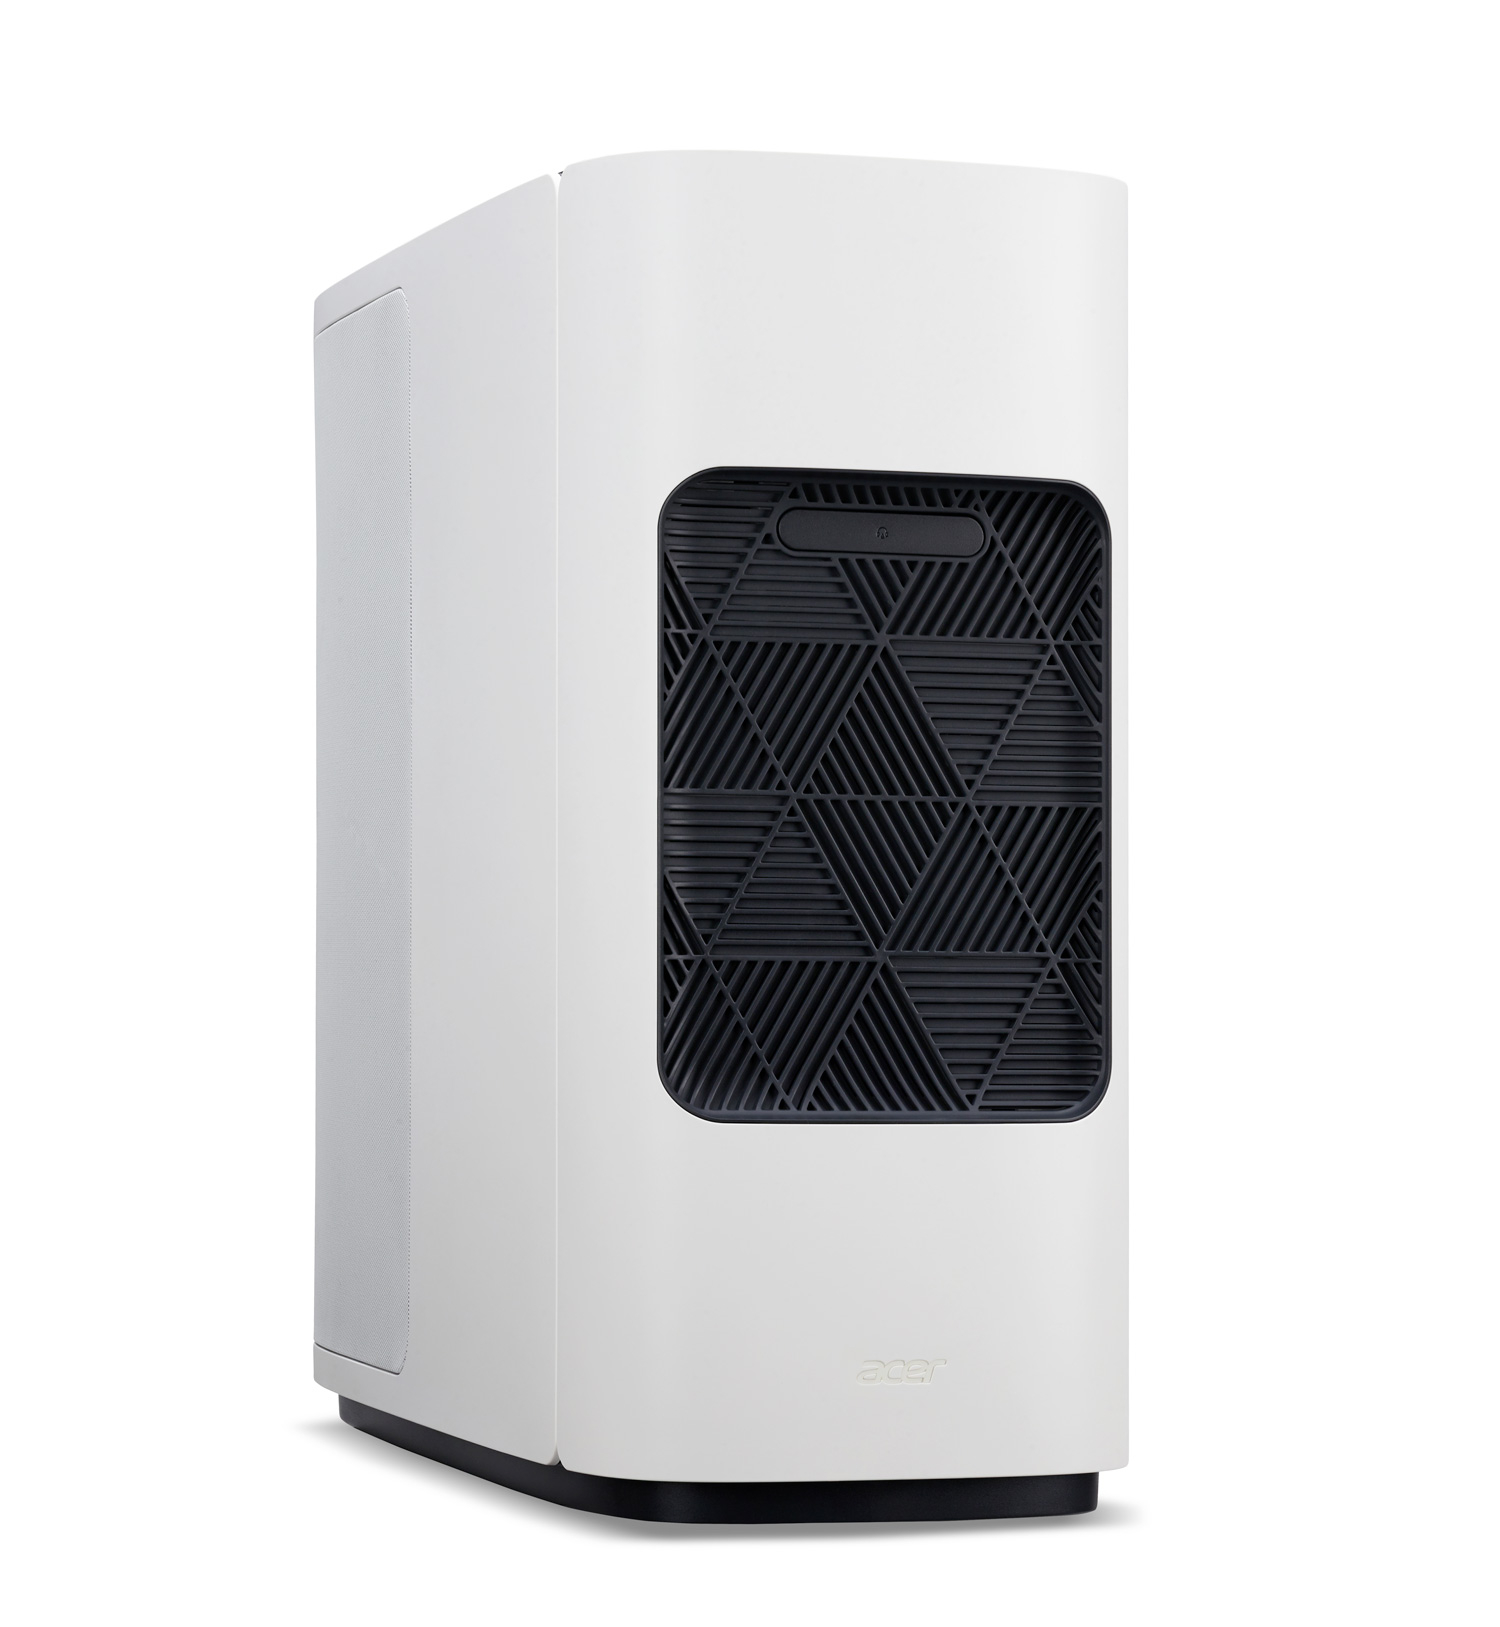 Pc de bureau performant pro - Acer CONCEPTD 500